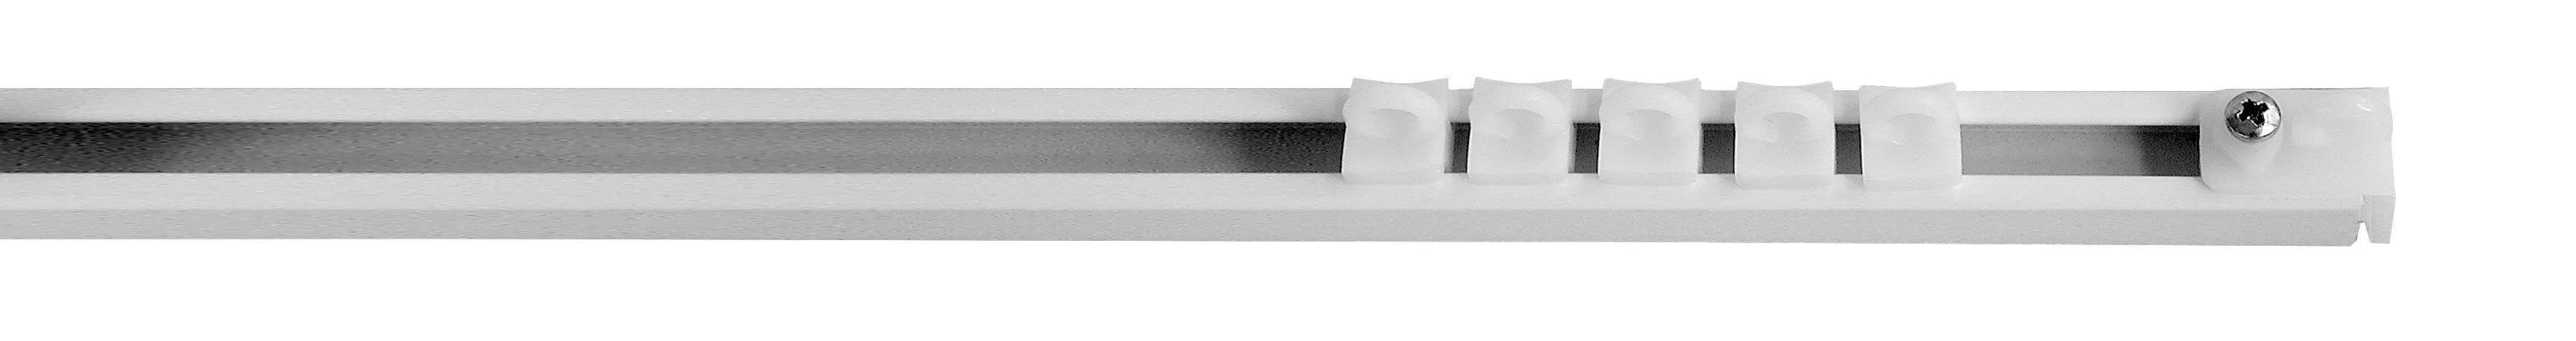 Da bricoman trovi prodotti tecnici professionali per la casa e la collettivitàcontrappeso 40x3 mm 210 cm in alluminio. Binari Tende Bricoman